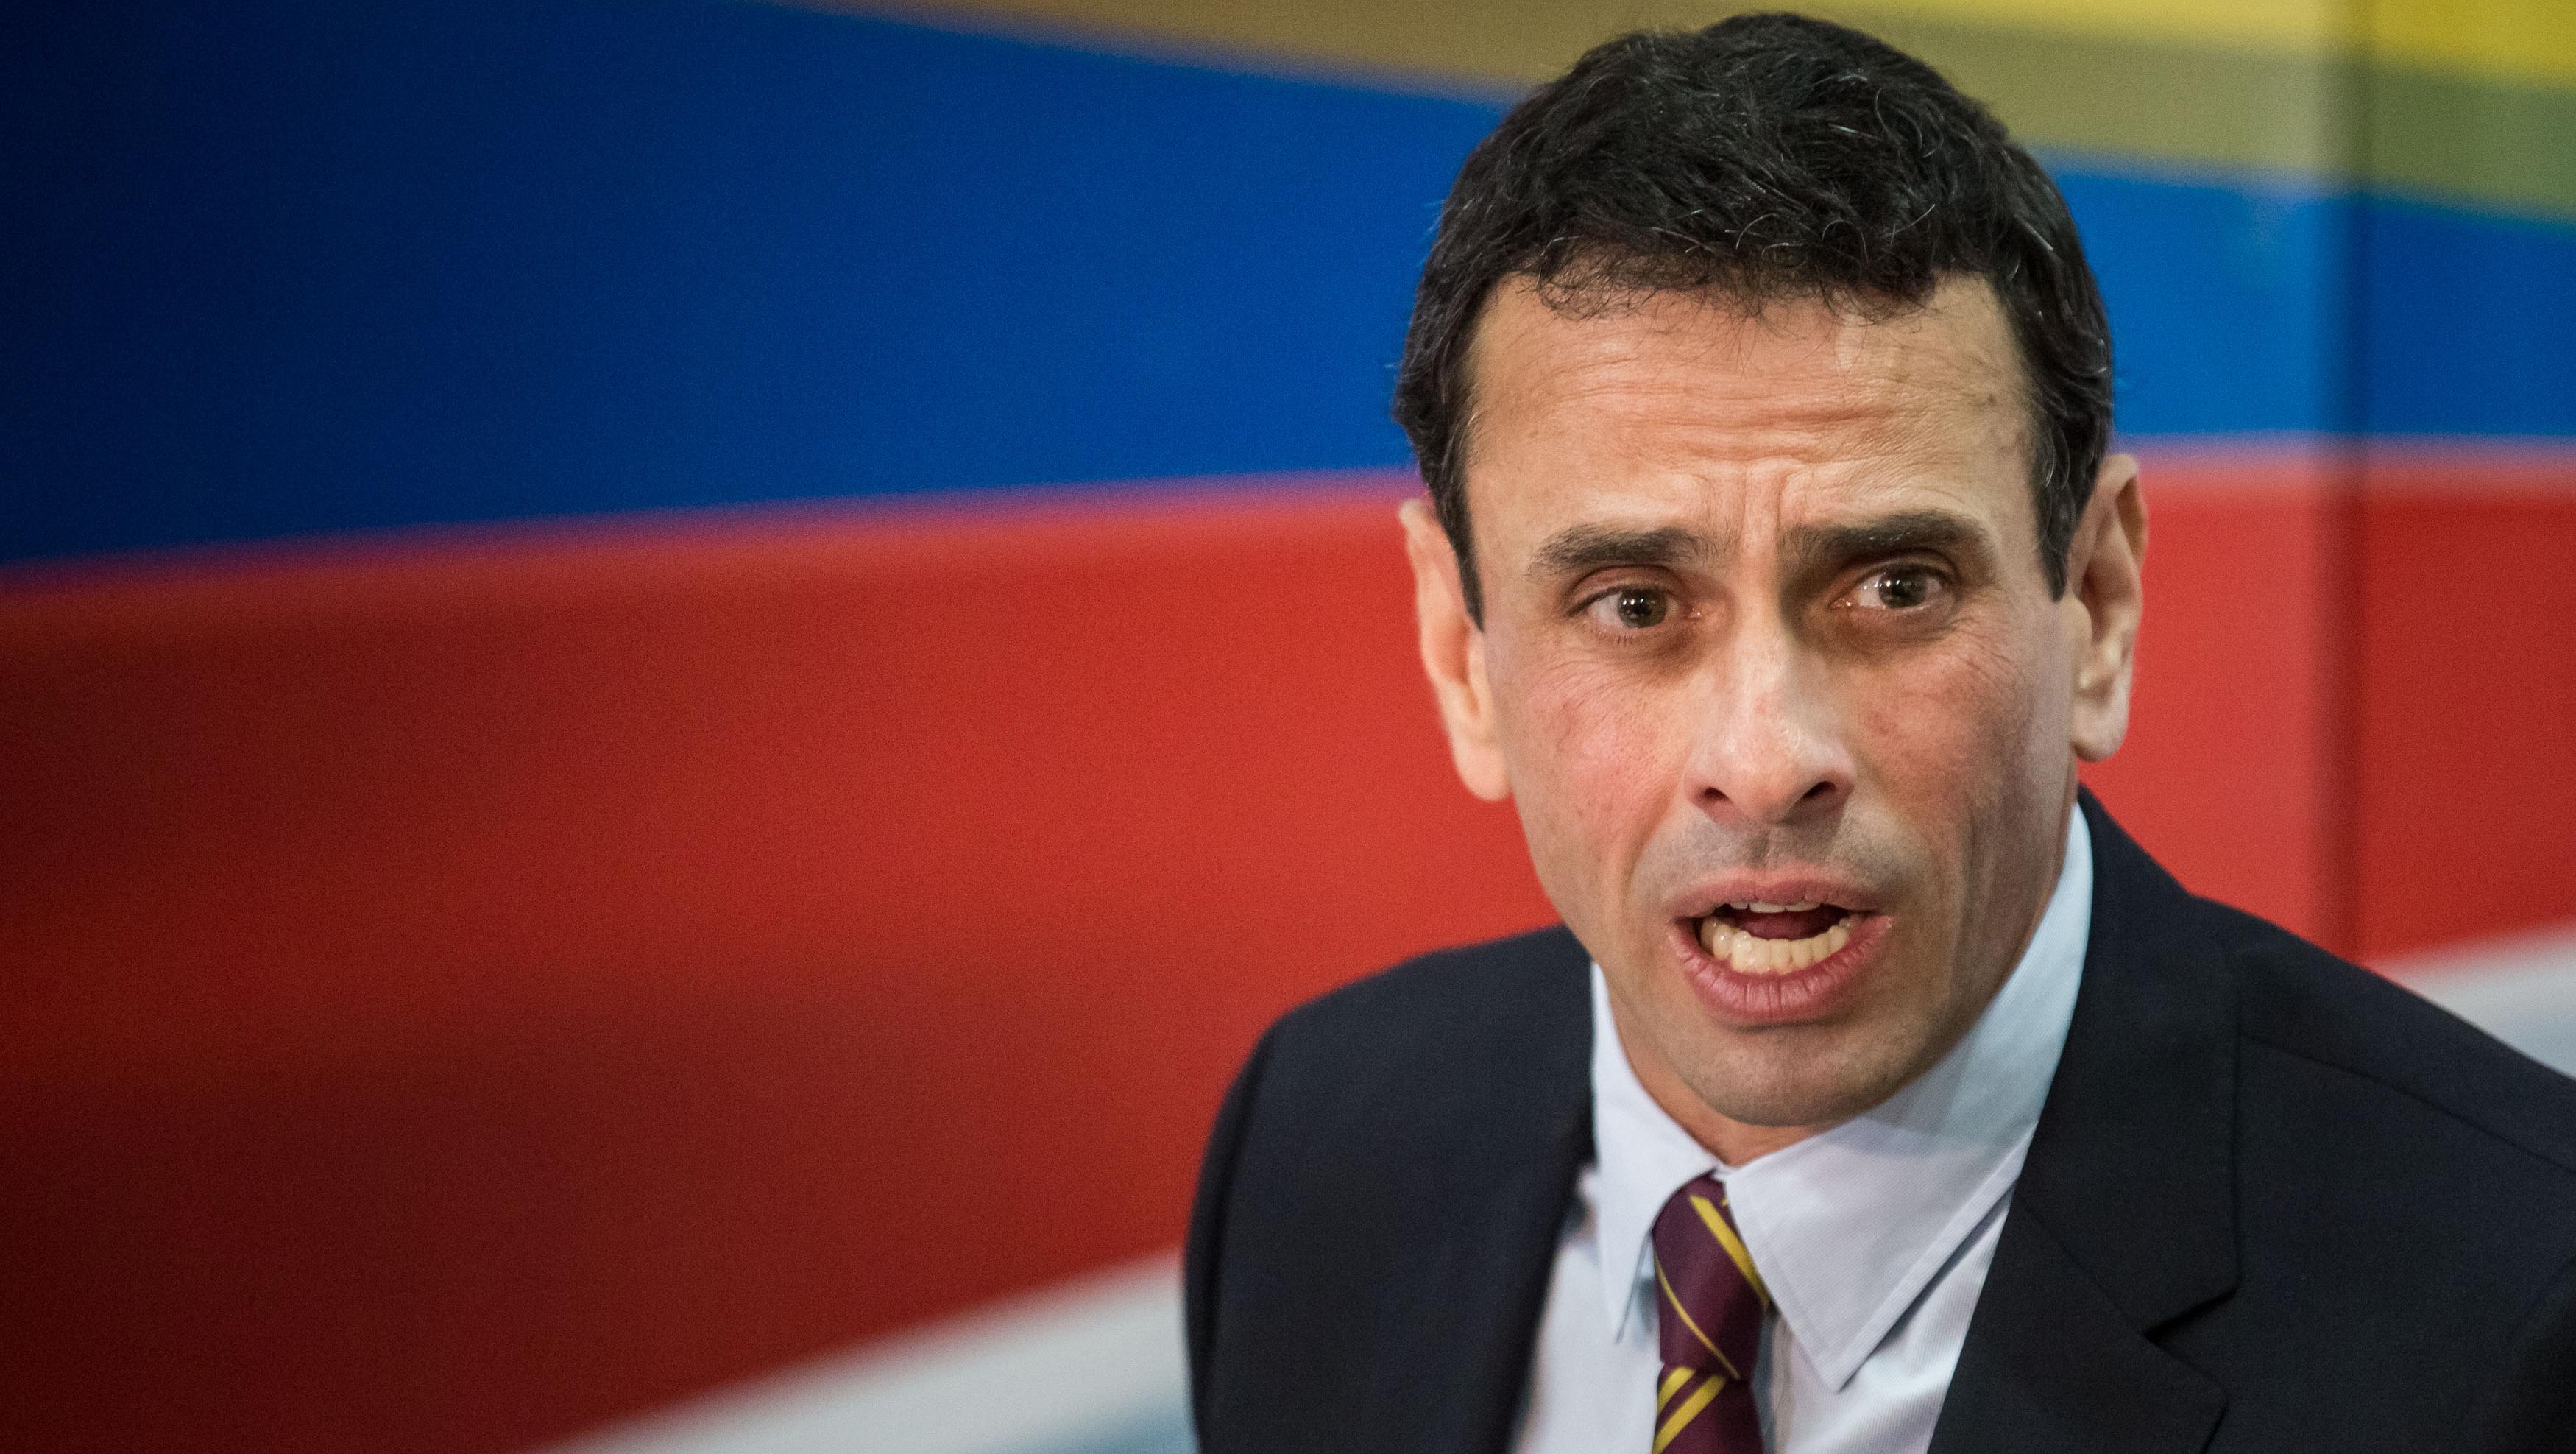 El gobernador del estado Miranda niega las acusaciones en su contra.